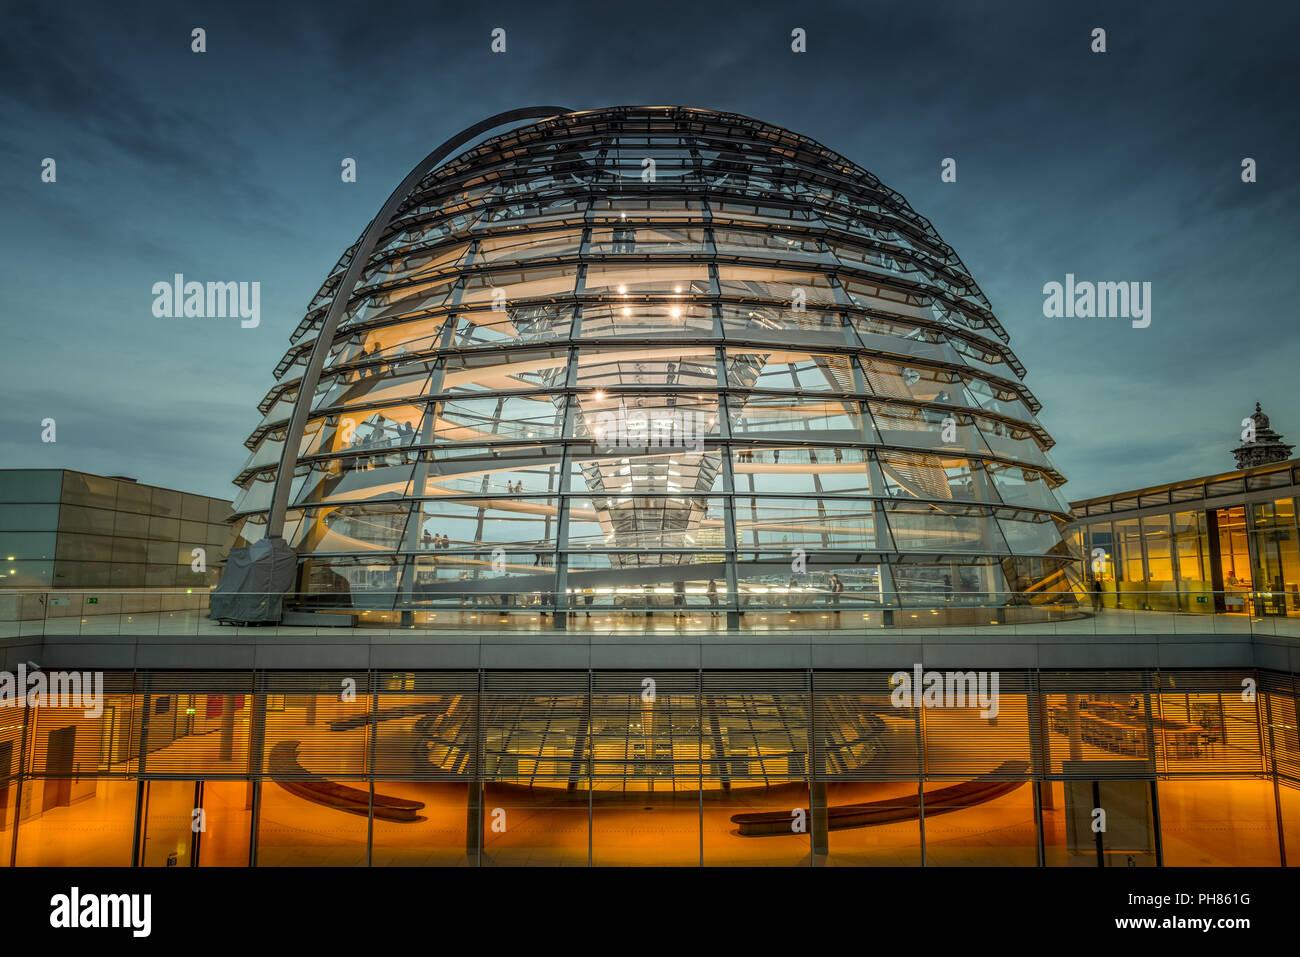 Kuppel, Reichstag, Tiergarten, Mitte, Berlin, Deutschland Stock Photo